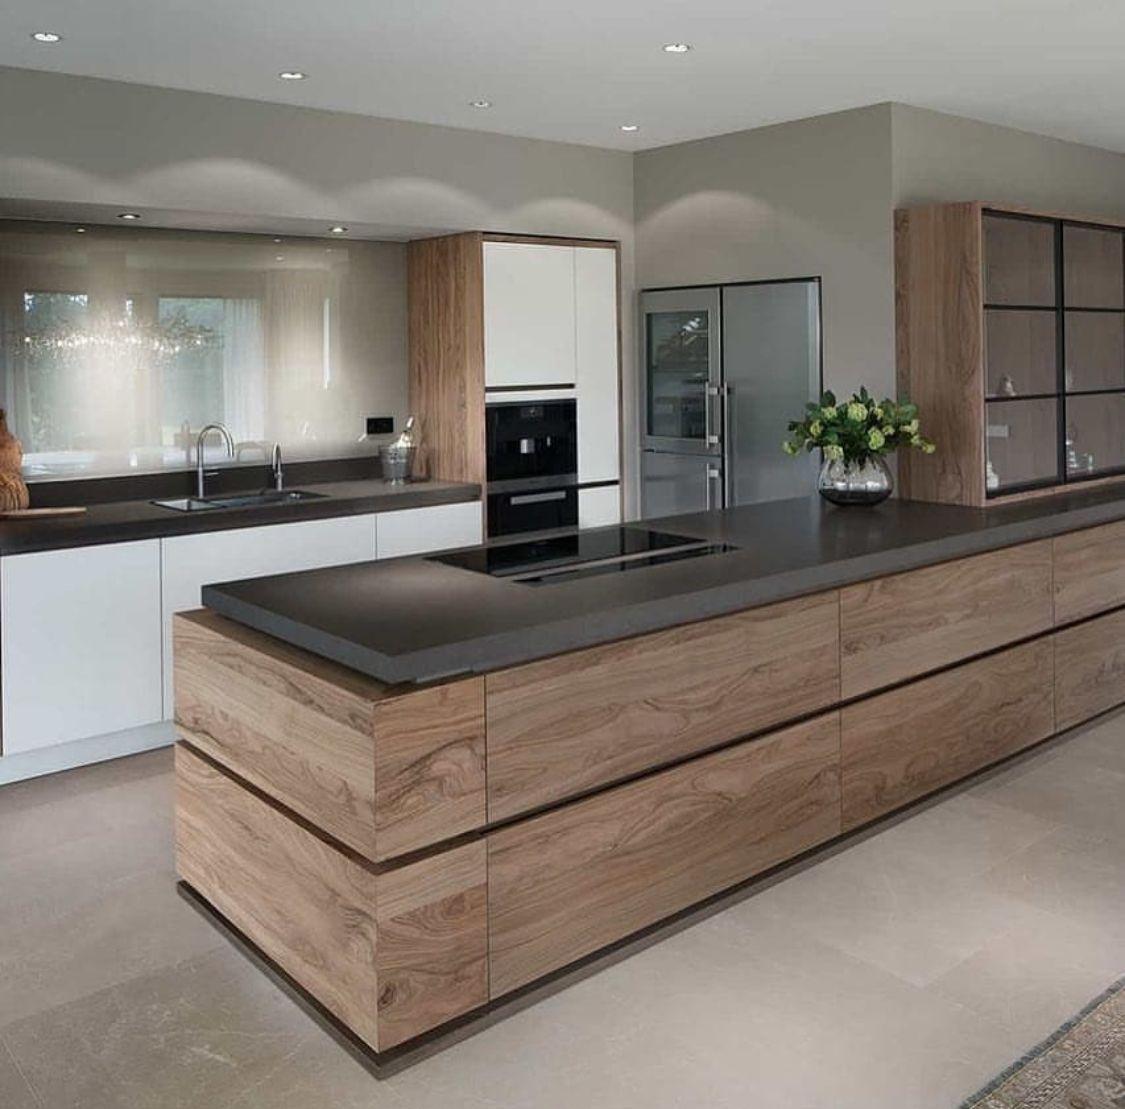 45+ Ideas Best Kitchen Designs Top Trends Popular this Year #kitchentips